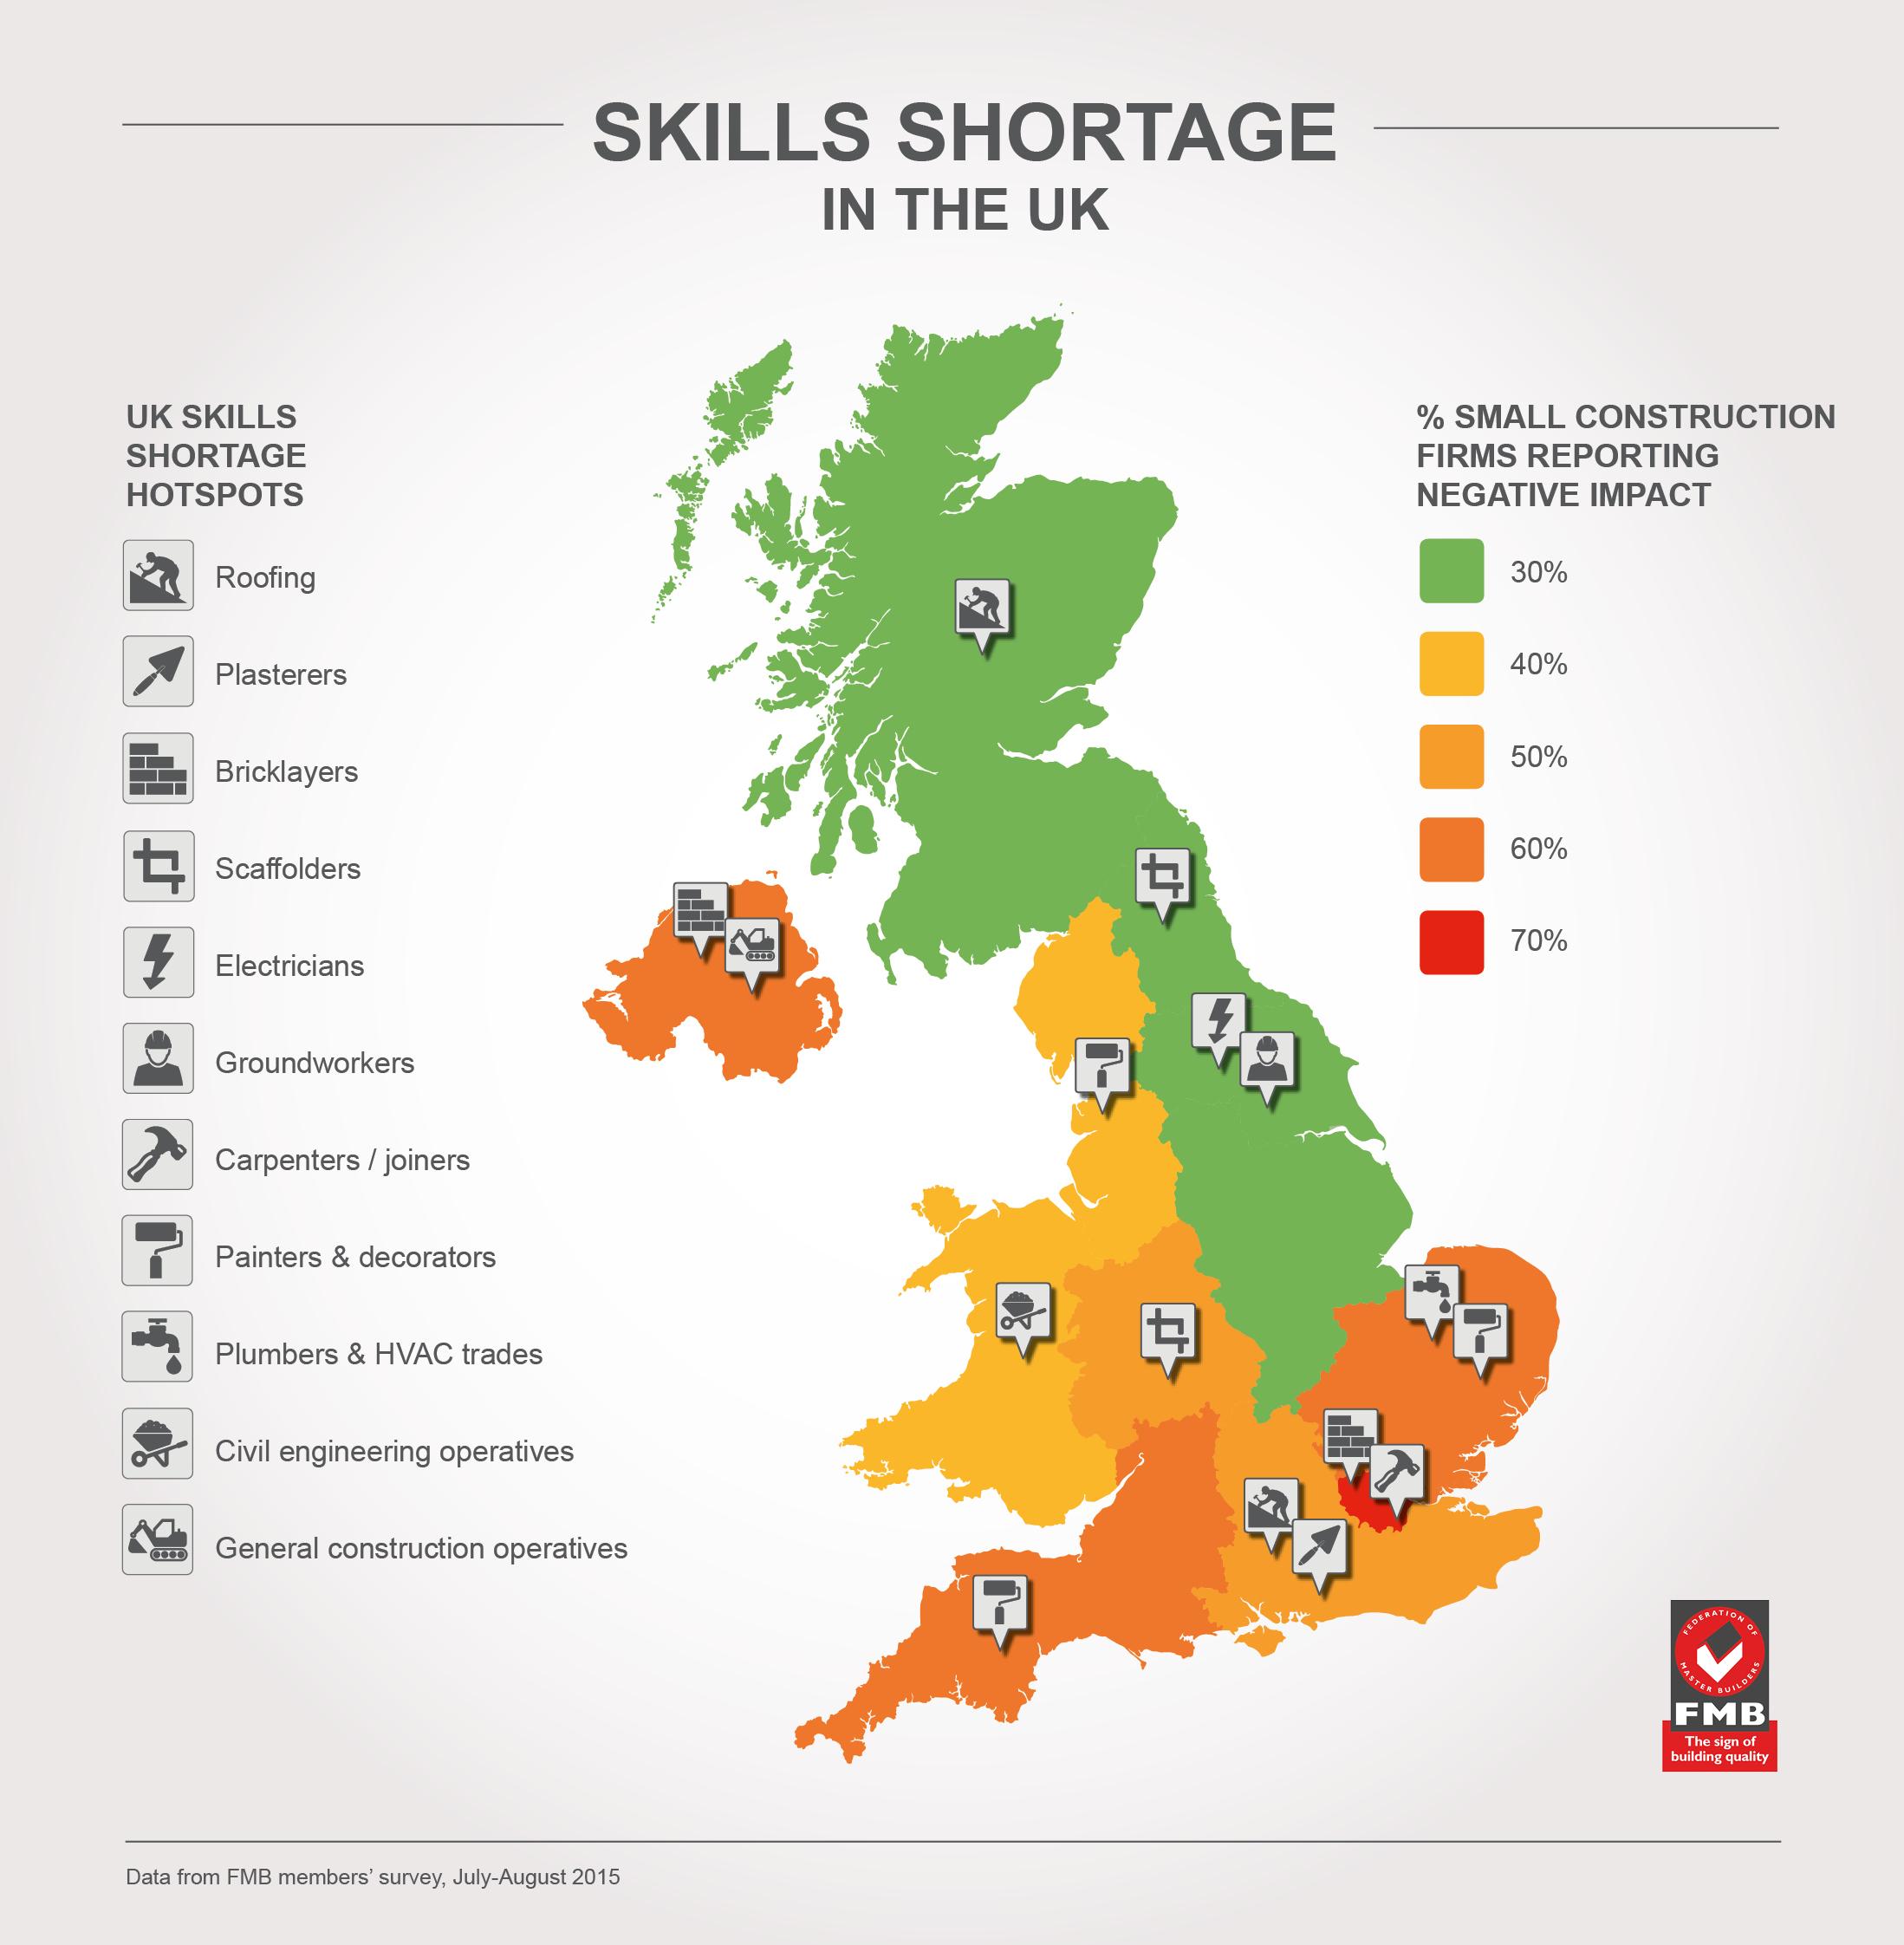 UK Skills Shortage